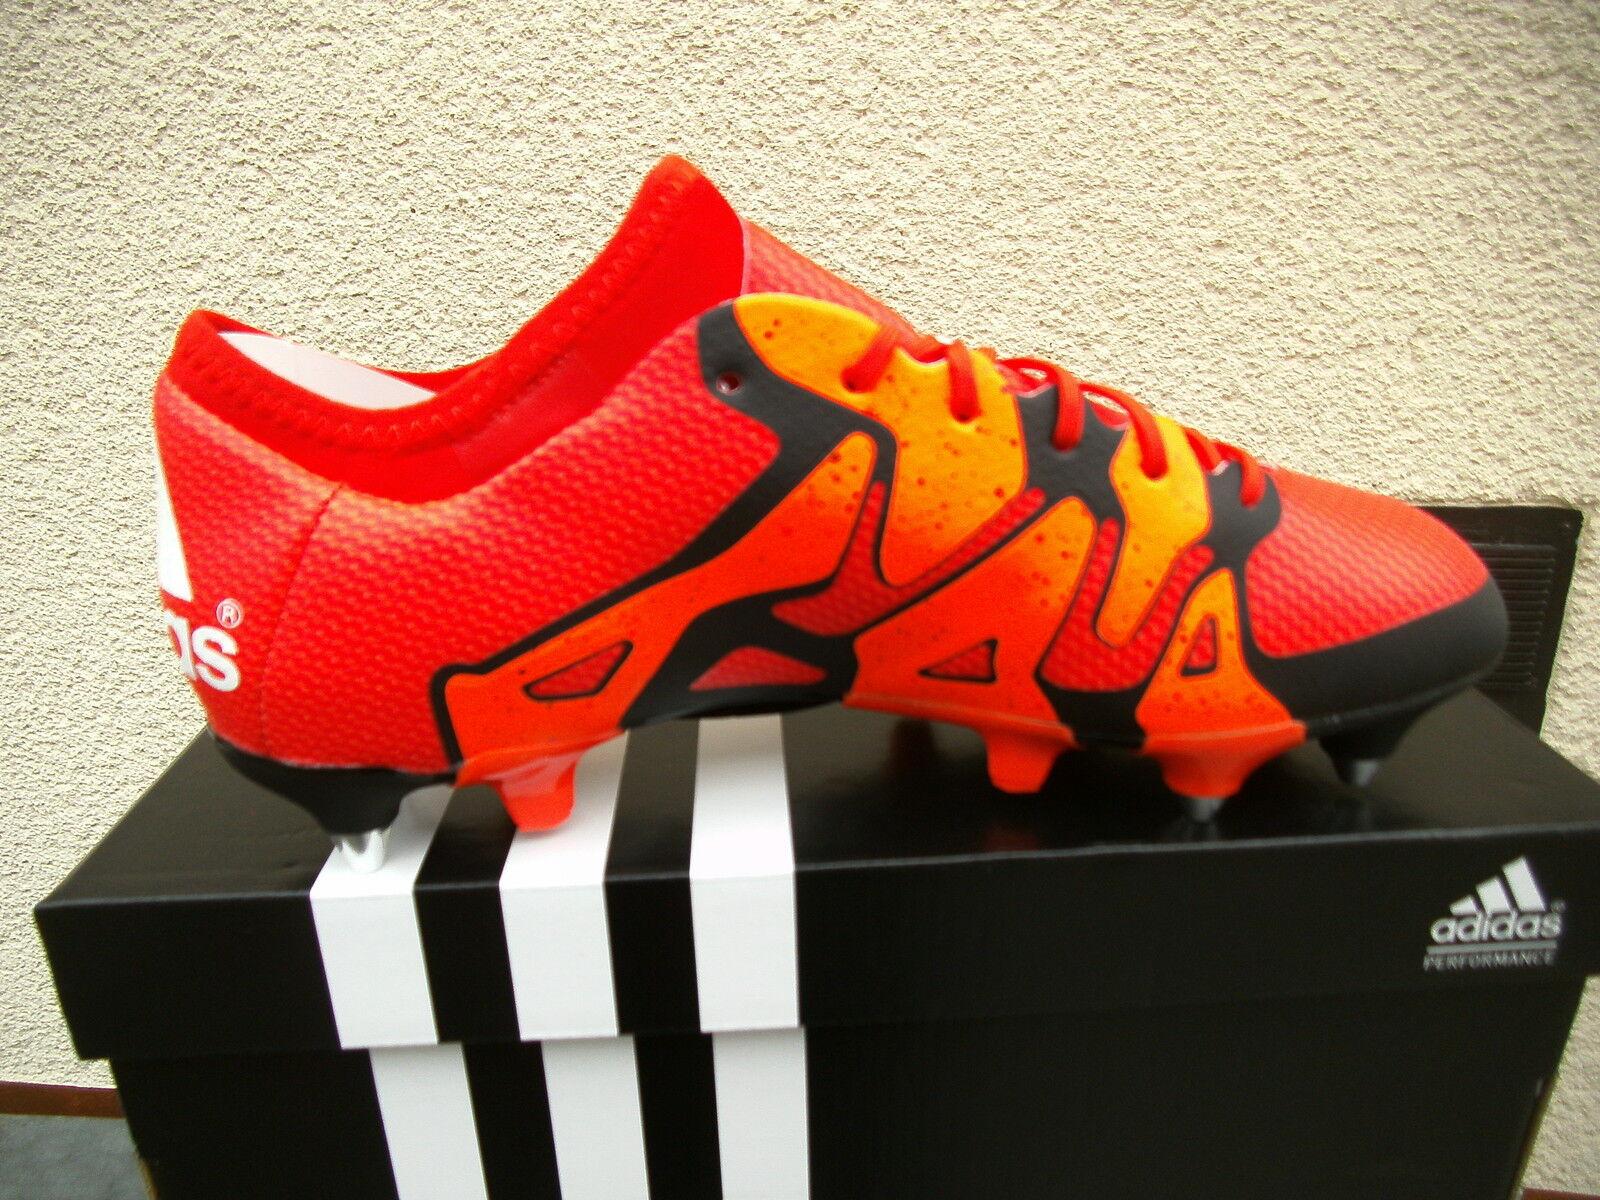 Adidas X 15.1 15.1 15.1 SG Stollenschuhe  Gr. 42   Orange  (S 83168)  NEU    Neues Design  efdd84